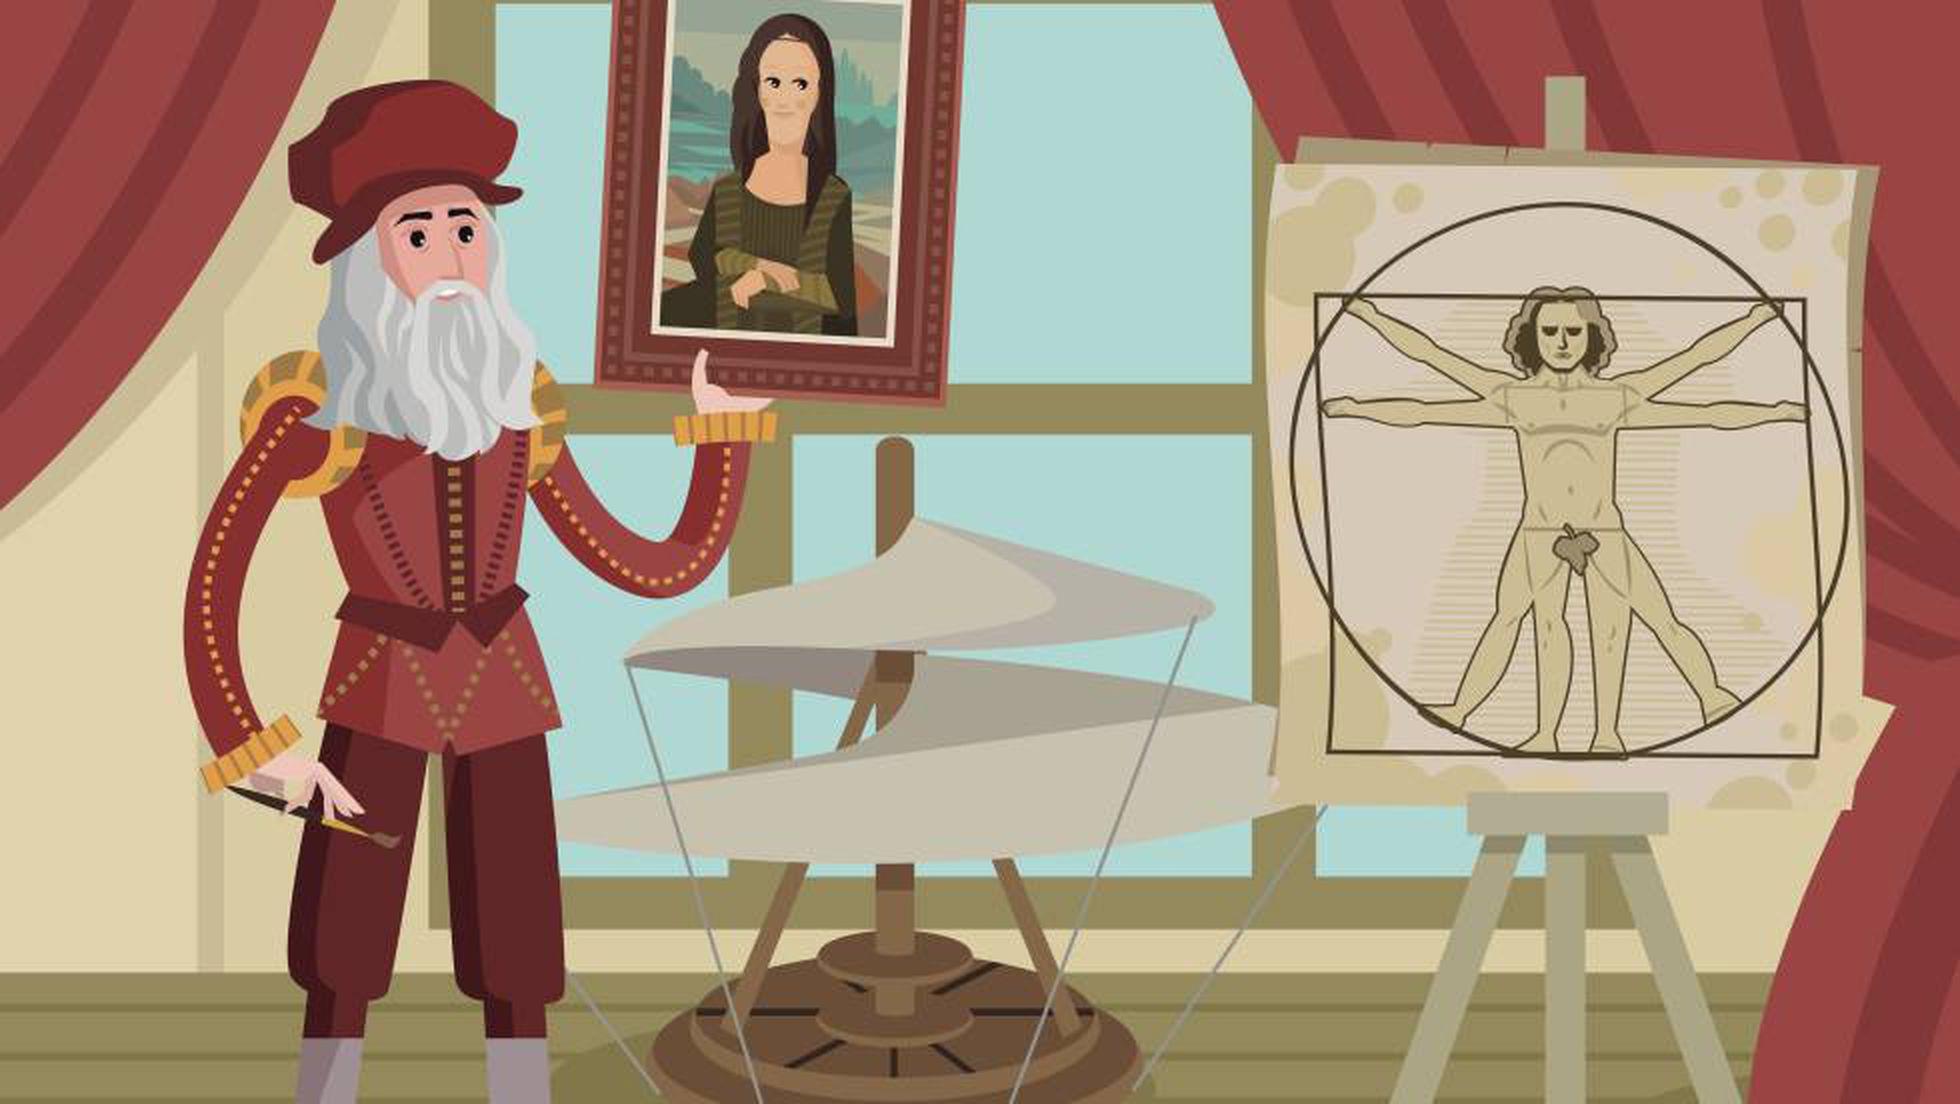 Isaacson Da Vinci Einstein Y Jobs Eran Creativos Porque Tenían Curiosidad Transformación Digital Tecnología El País